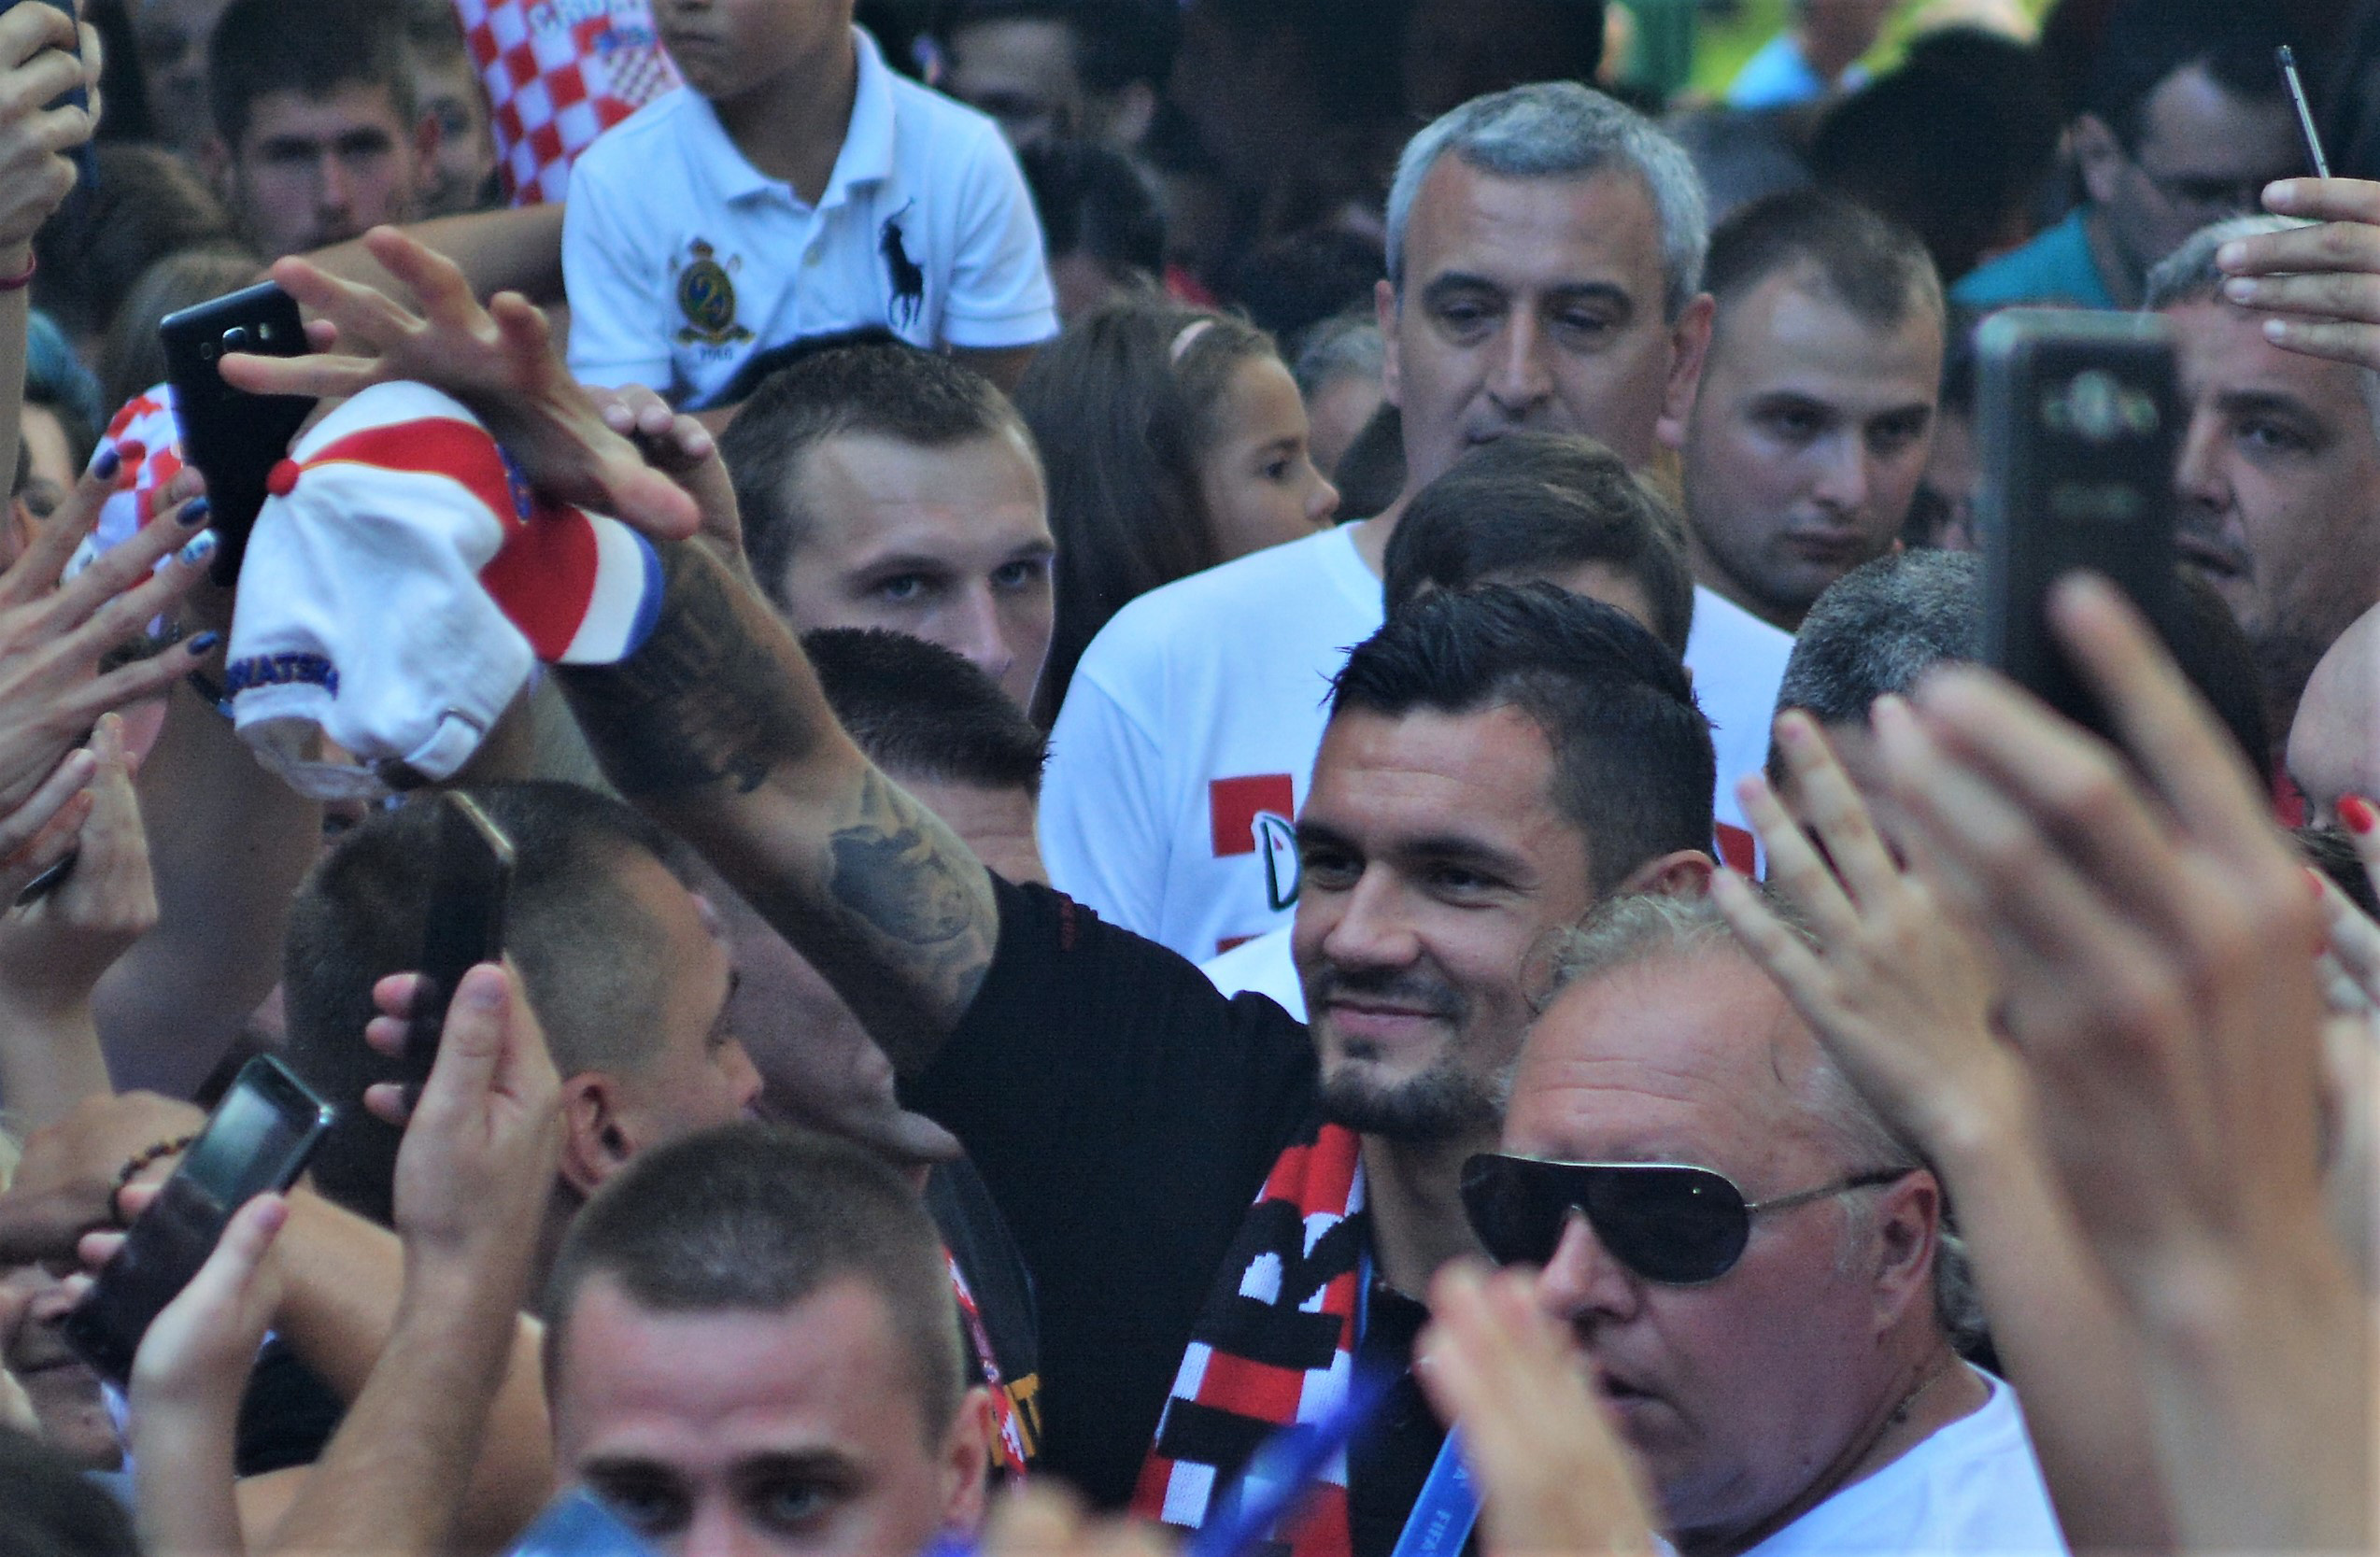 Tisuće Karlovčana dočekalo Lovrena